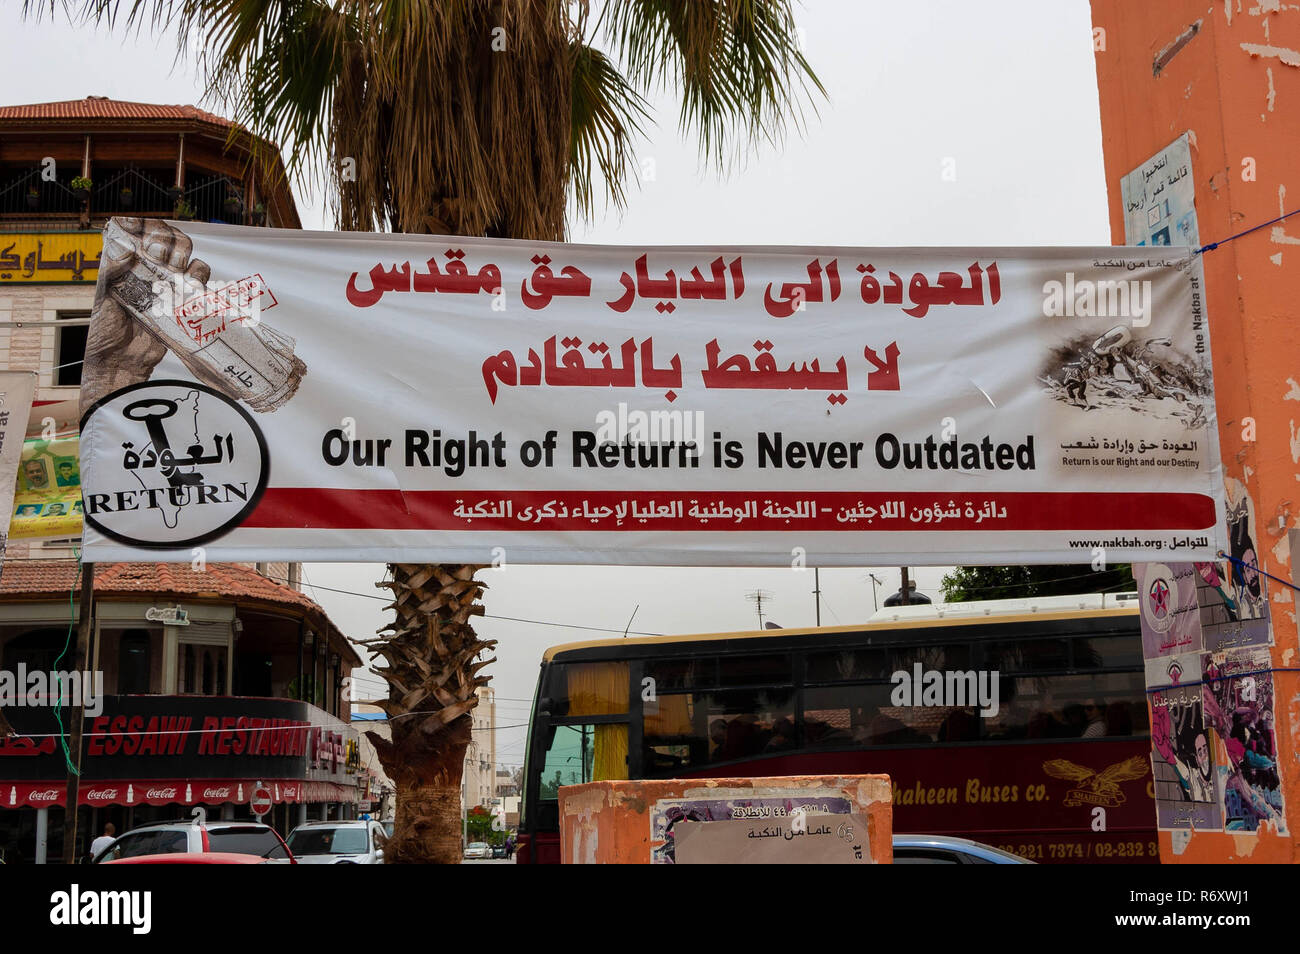 Notre droit de retour n'est jamais obsolète bannière à Jéricho. Photo Stock